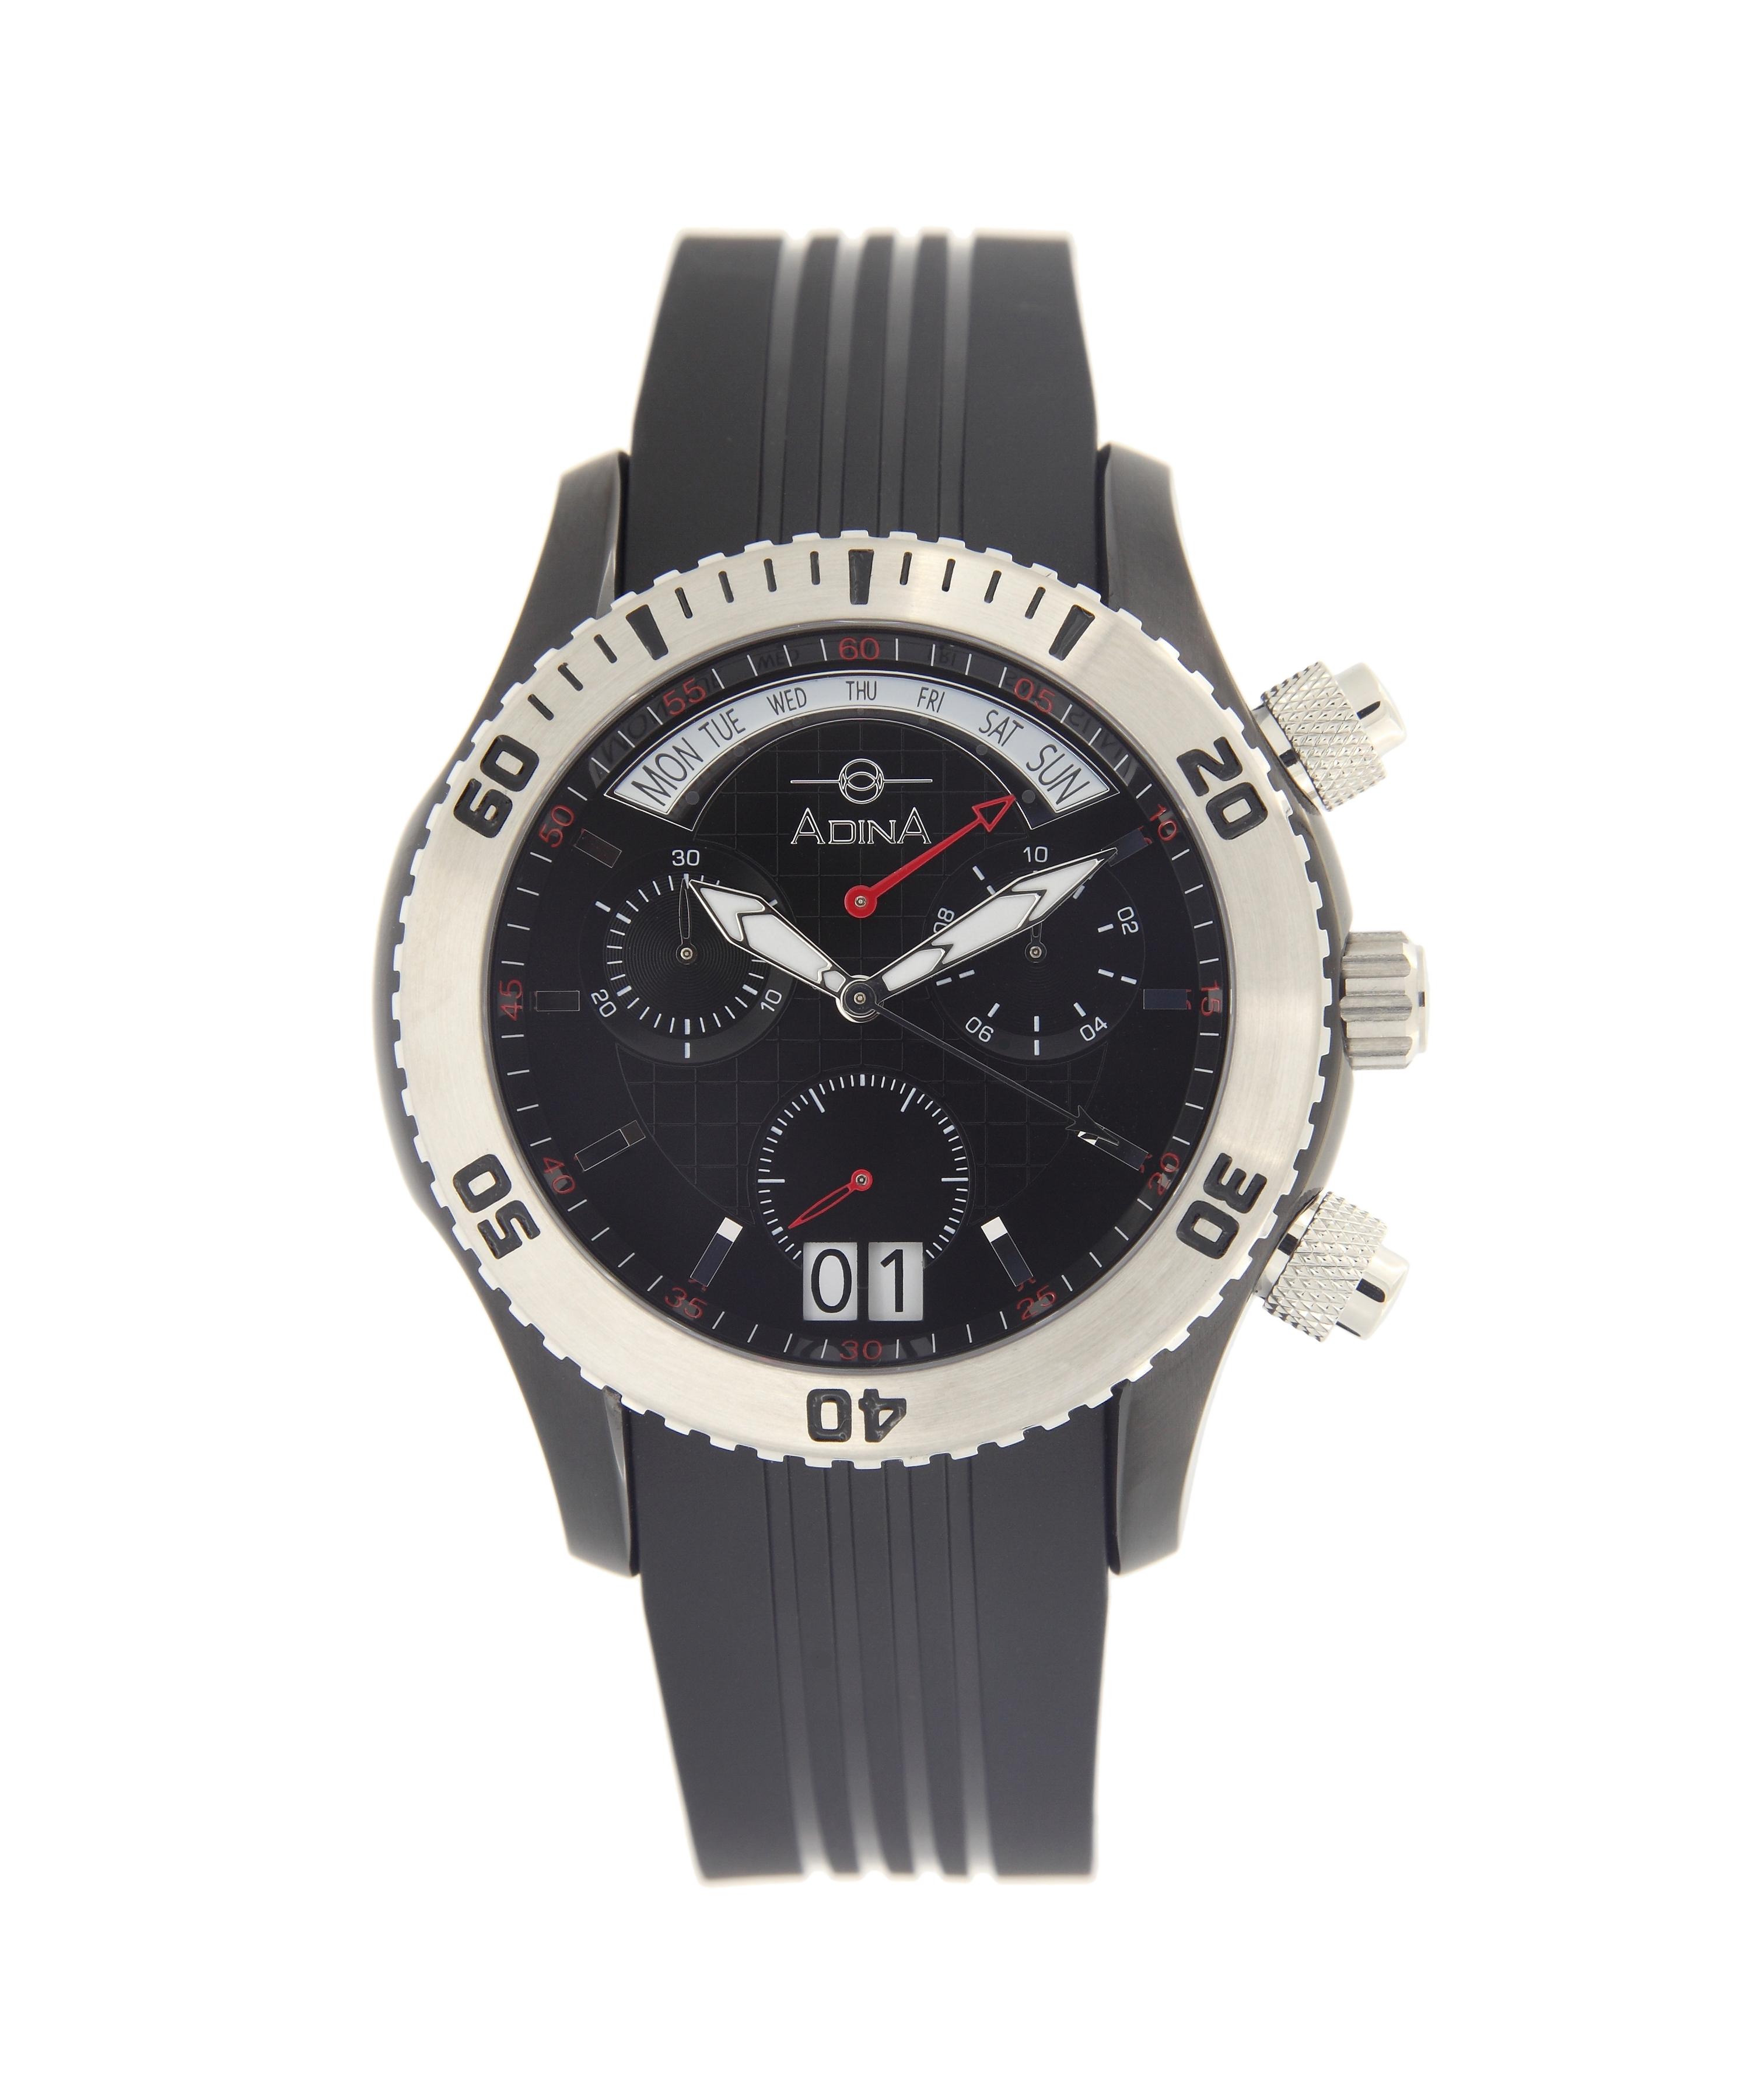 Adina Amphibian dive watch NK156 B2XS Retrograde